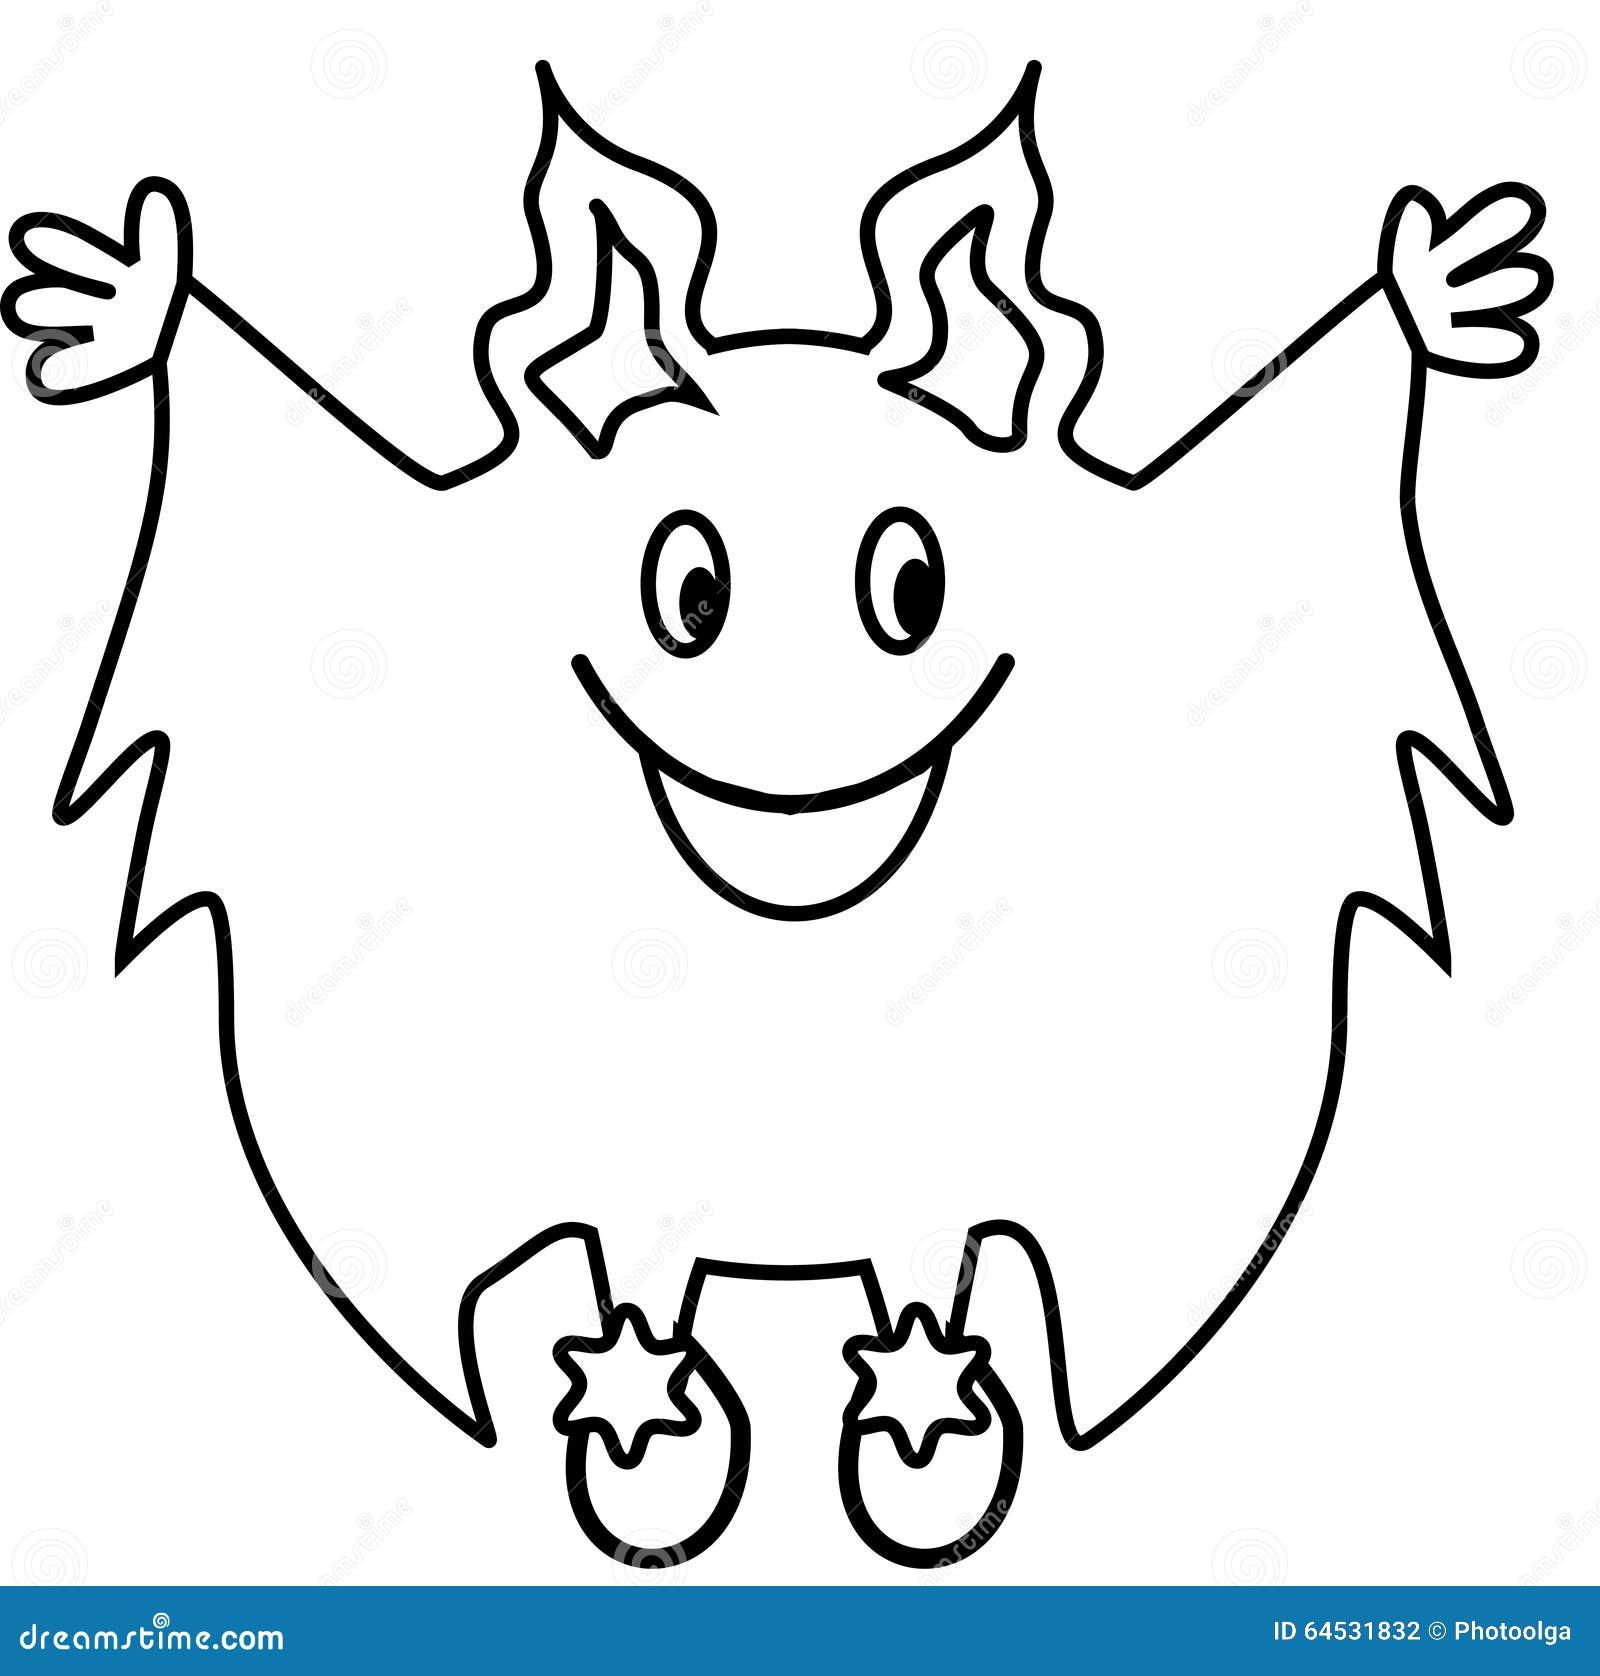 Dessin au trait simple monstre illustration de vecteur - Dessin de monstre ...